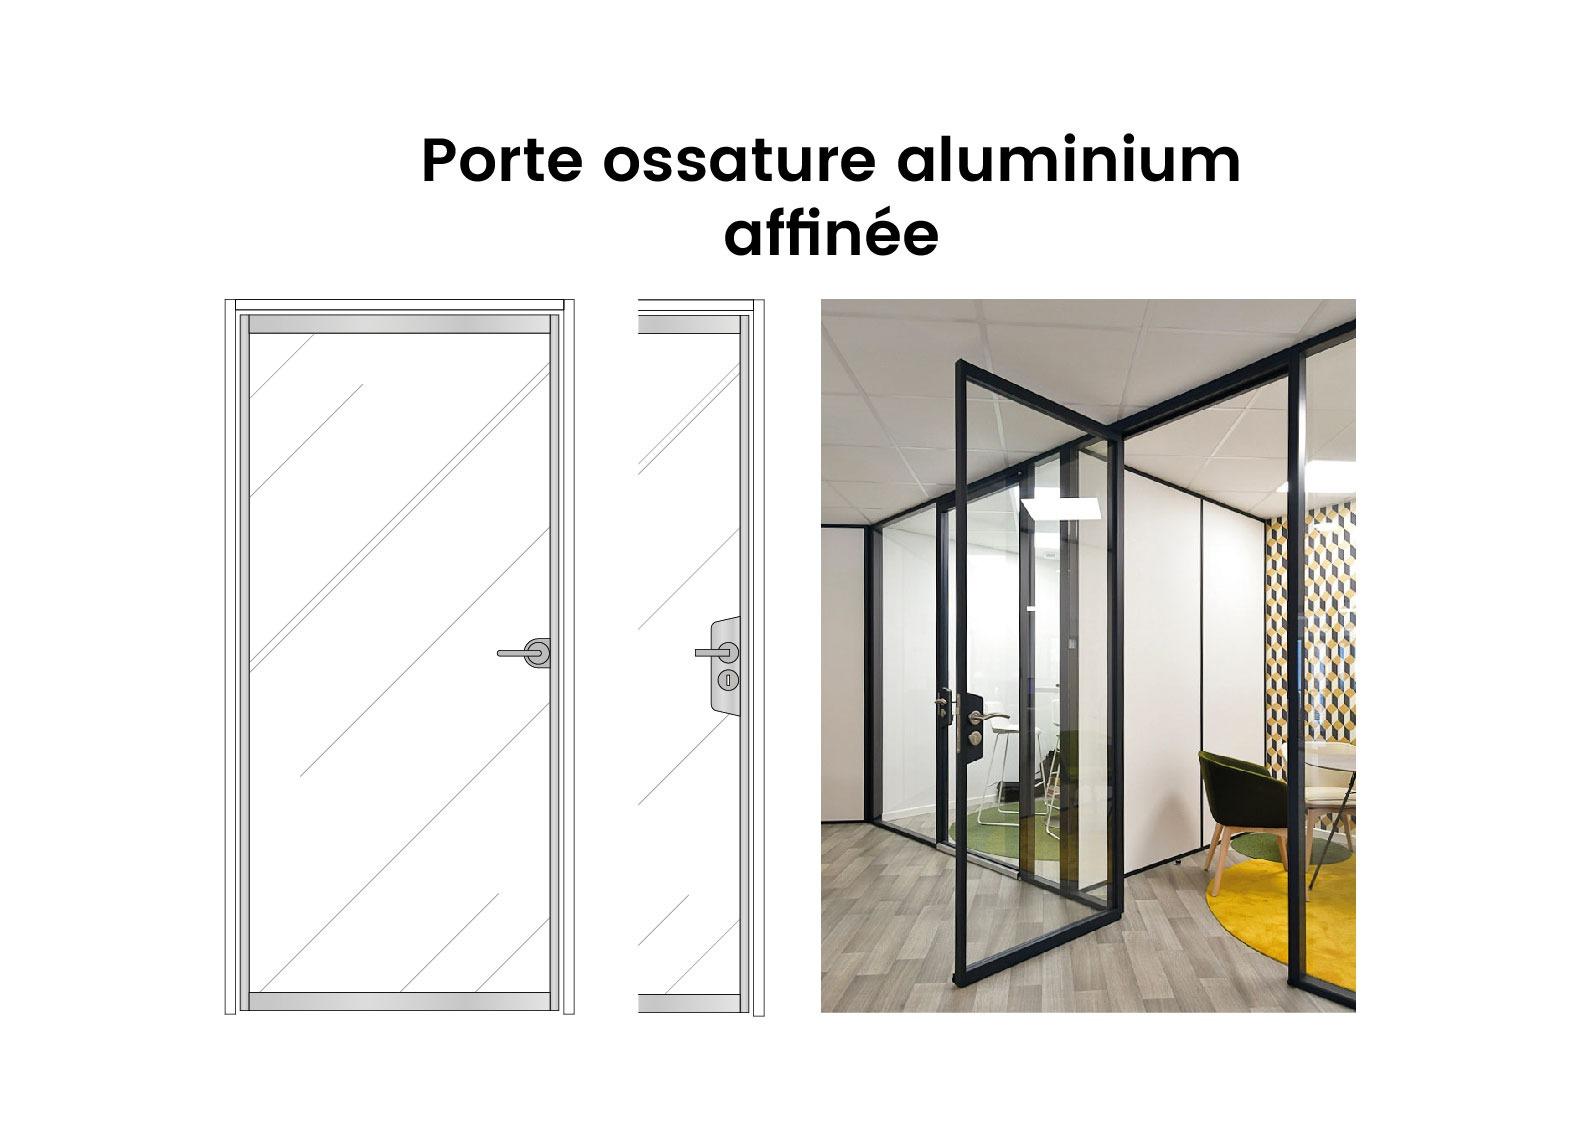 Porte Vitree Porte Ossature Aluminium Affinee Langlois Sobreti 04